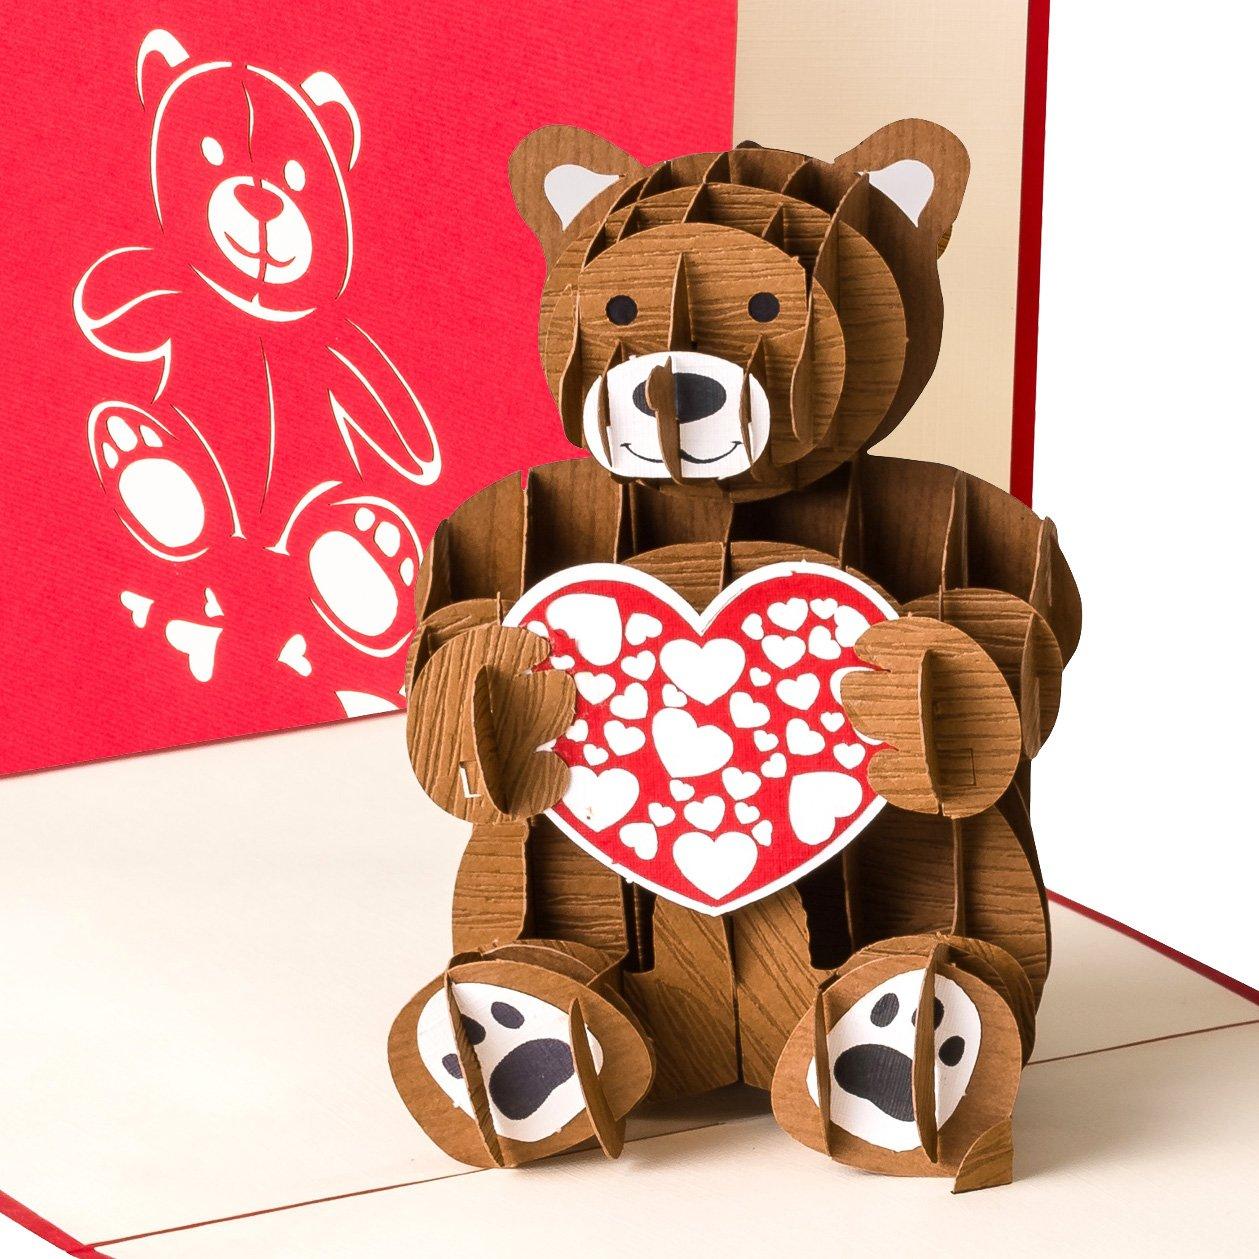 Biglietto di auguri per San Valentino o per nascita, con orsacchiotto 3D pop up, fatto a mano primetea